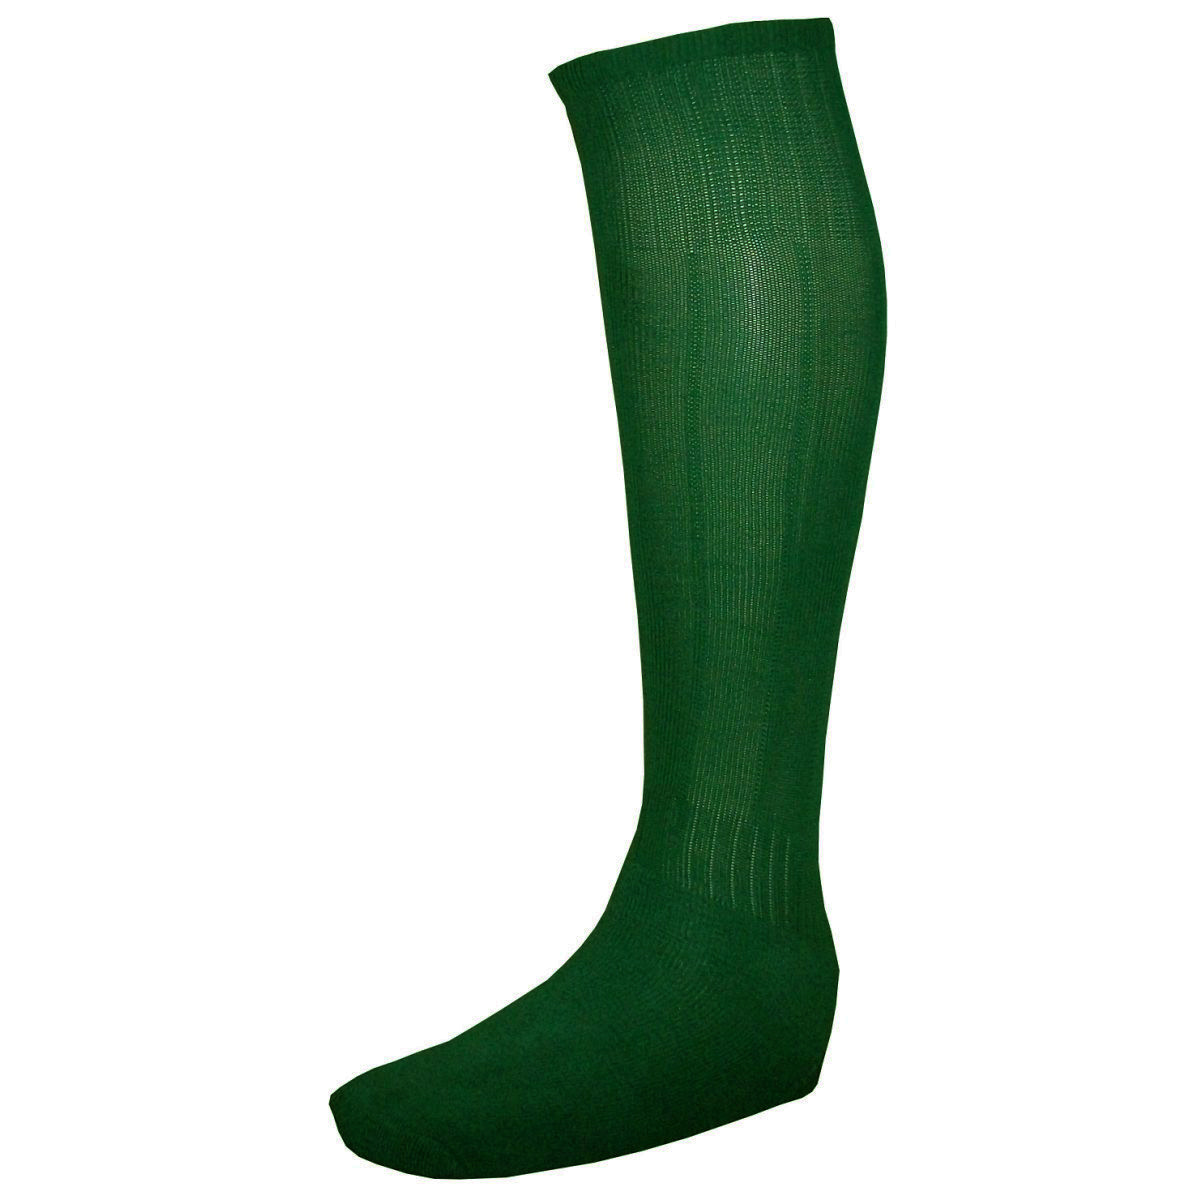 Uniforme Esportivo com 20 camisas modelo Milan Preto/Verde + 20 calções modelo Madrid Preto + 20 pares de meiões Verde